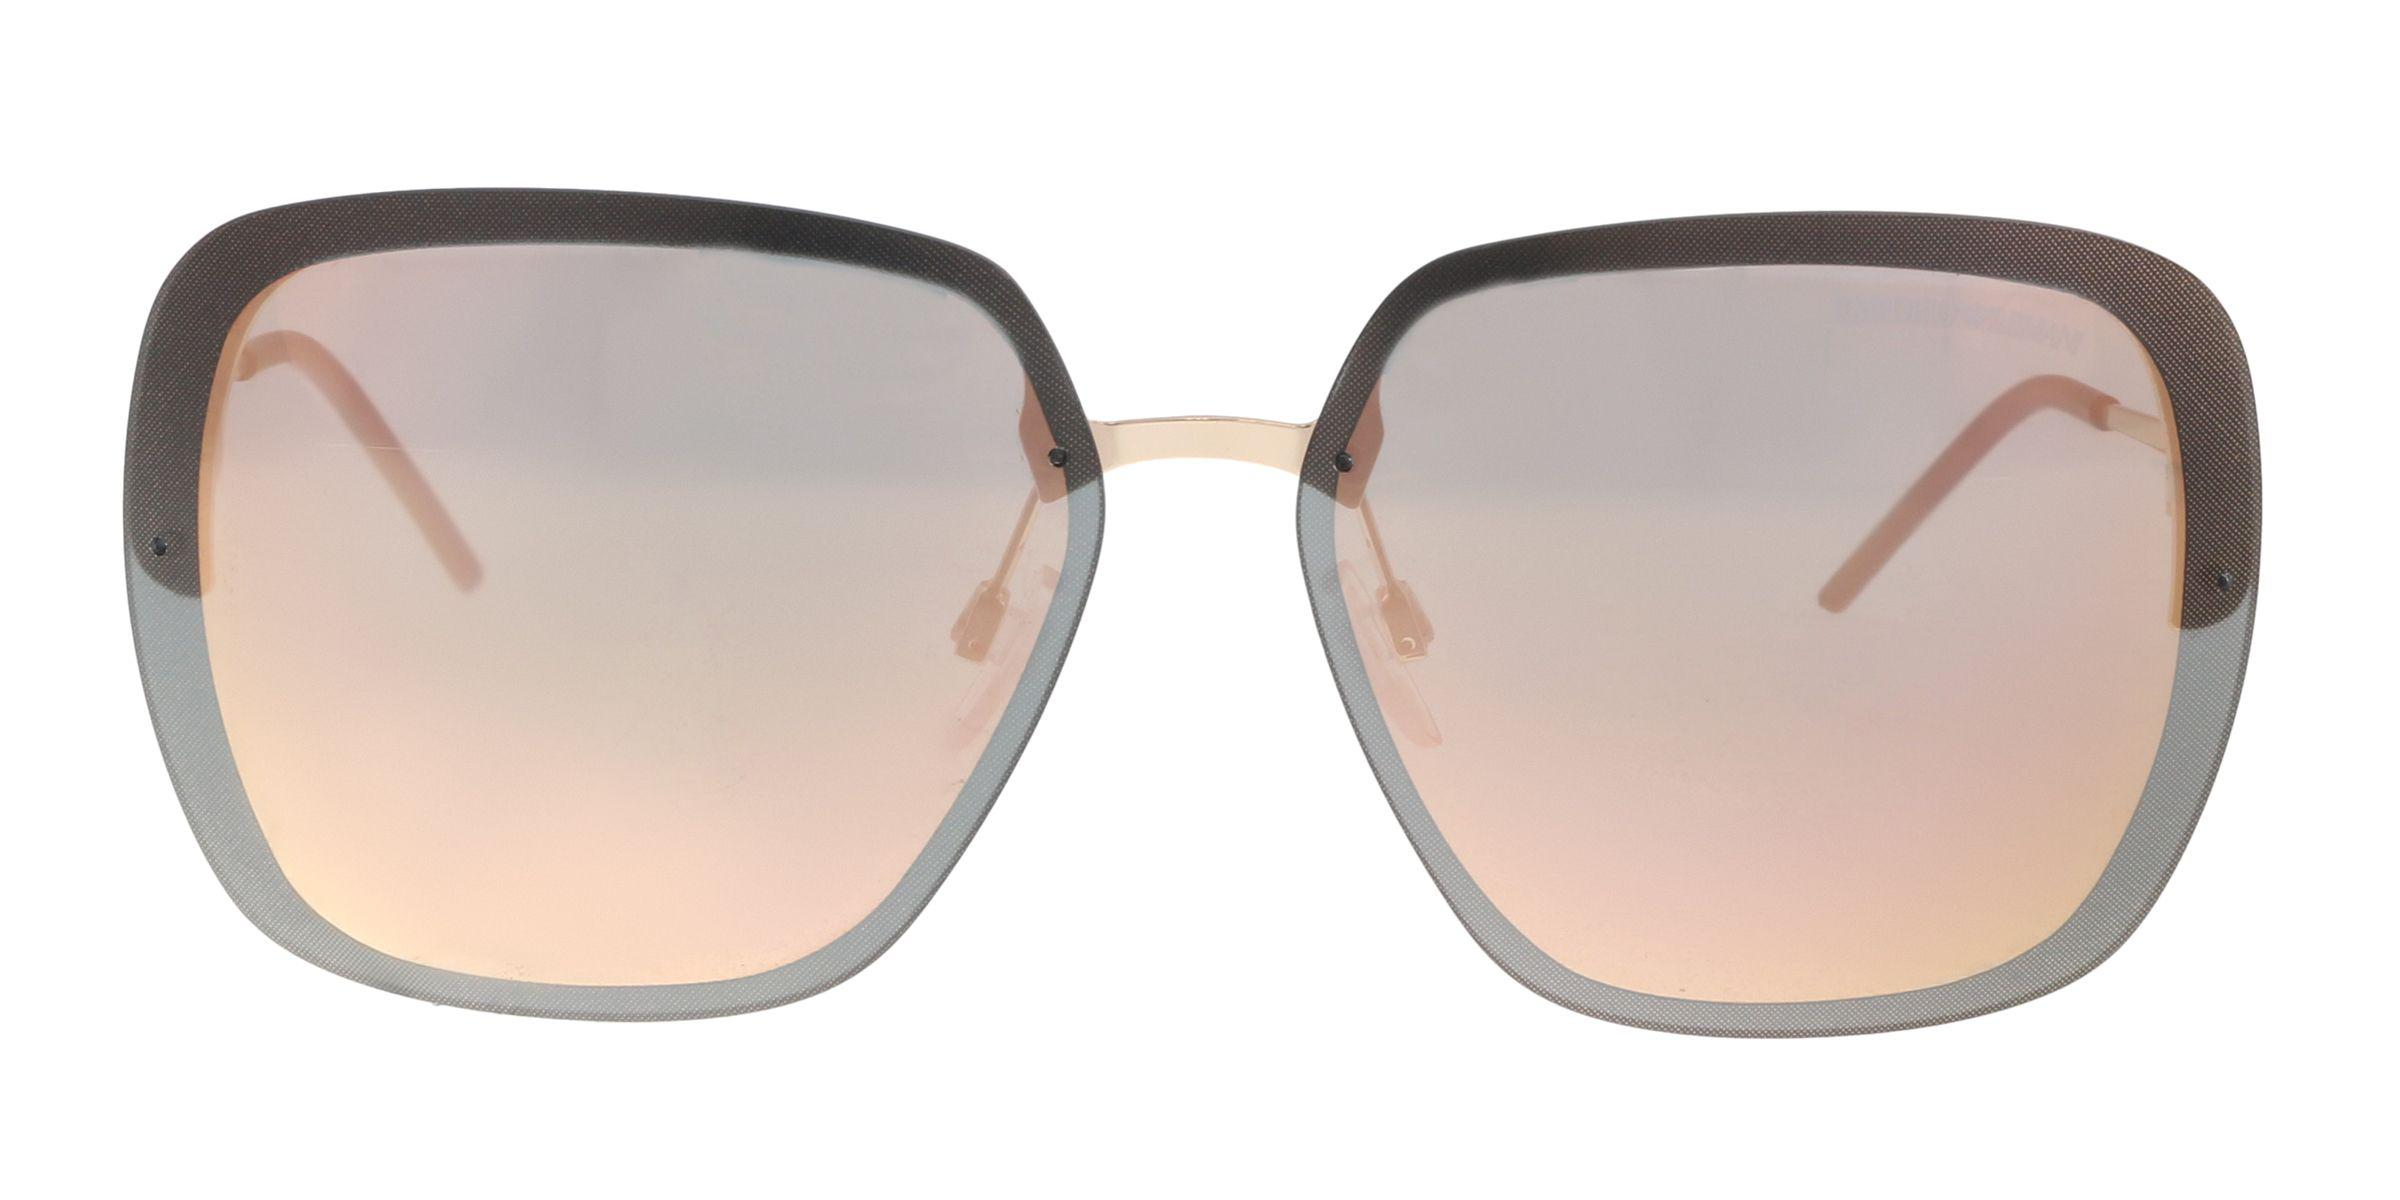 91a5cd5b322 Lyst - Emporio Armani Ea2045 31674z Pink Gold Square Sunglasses